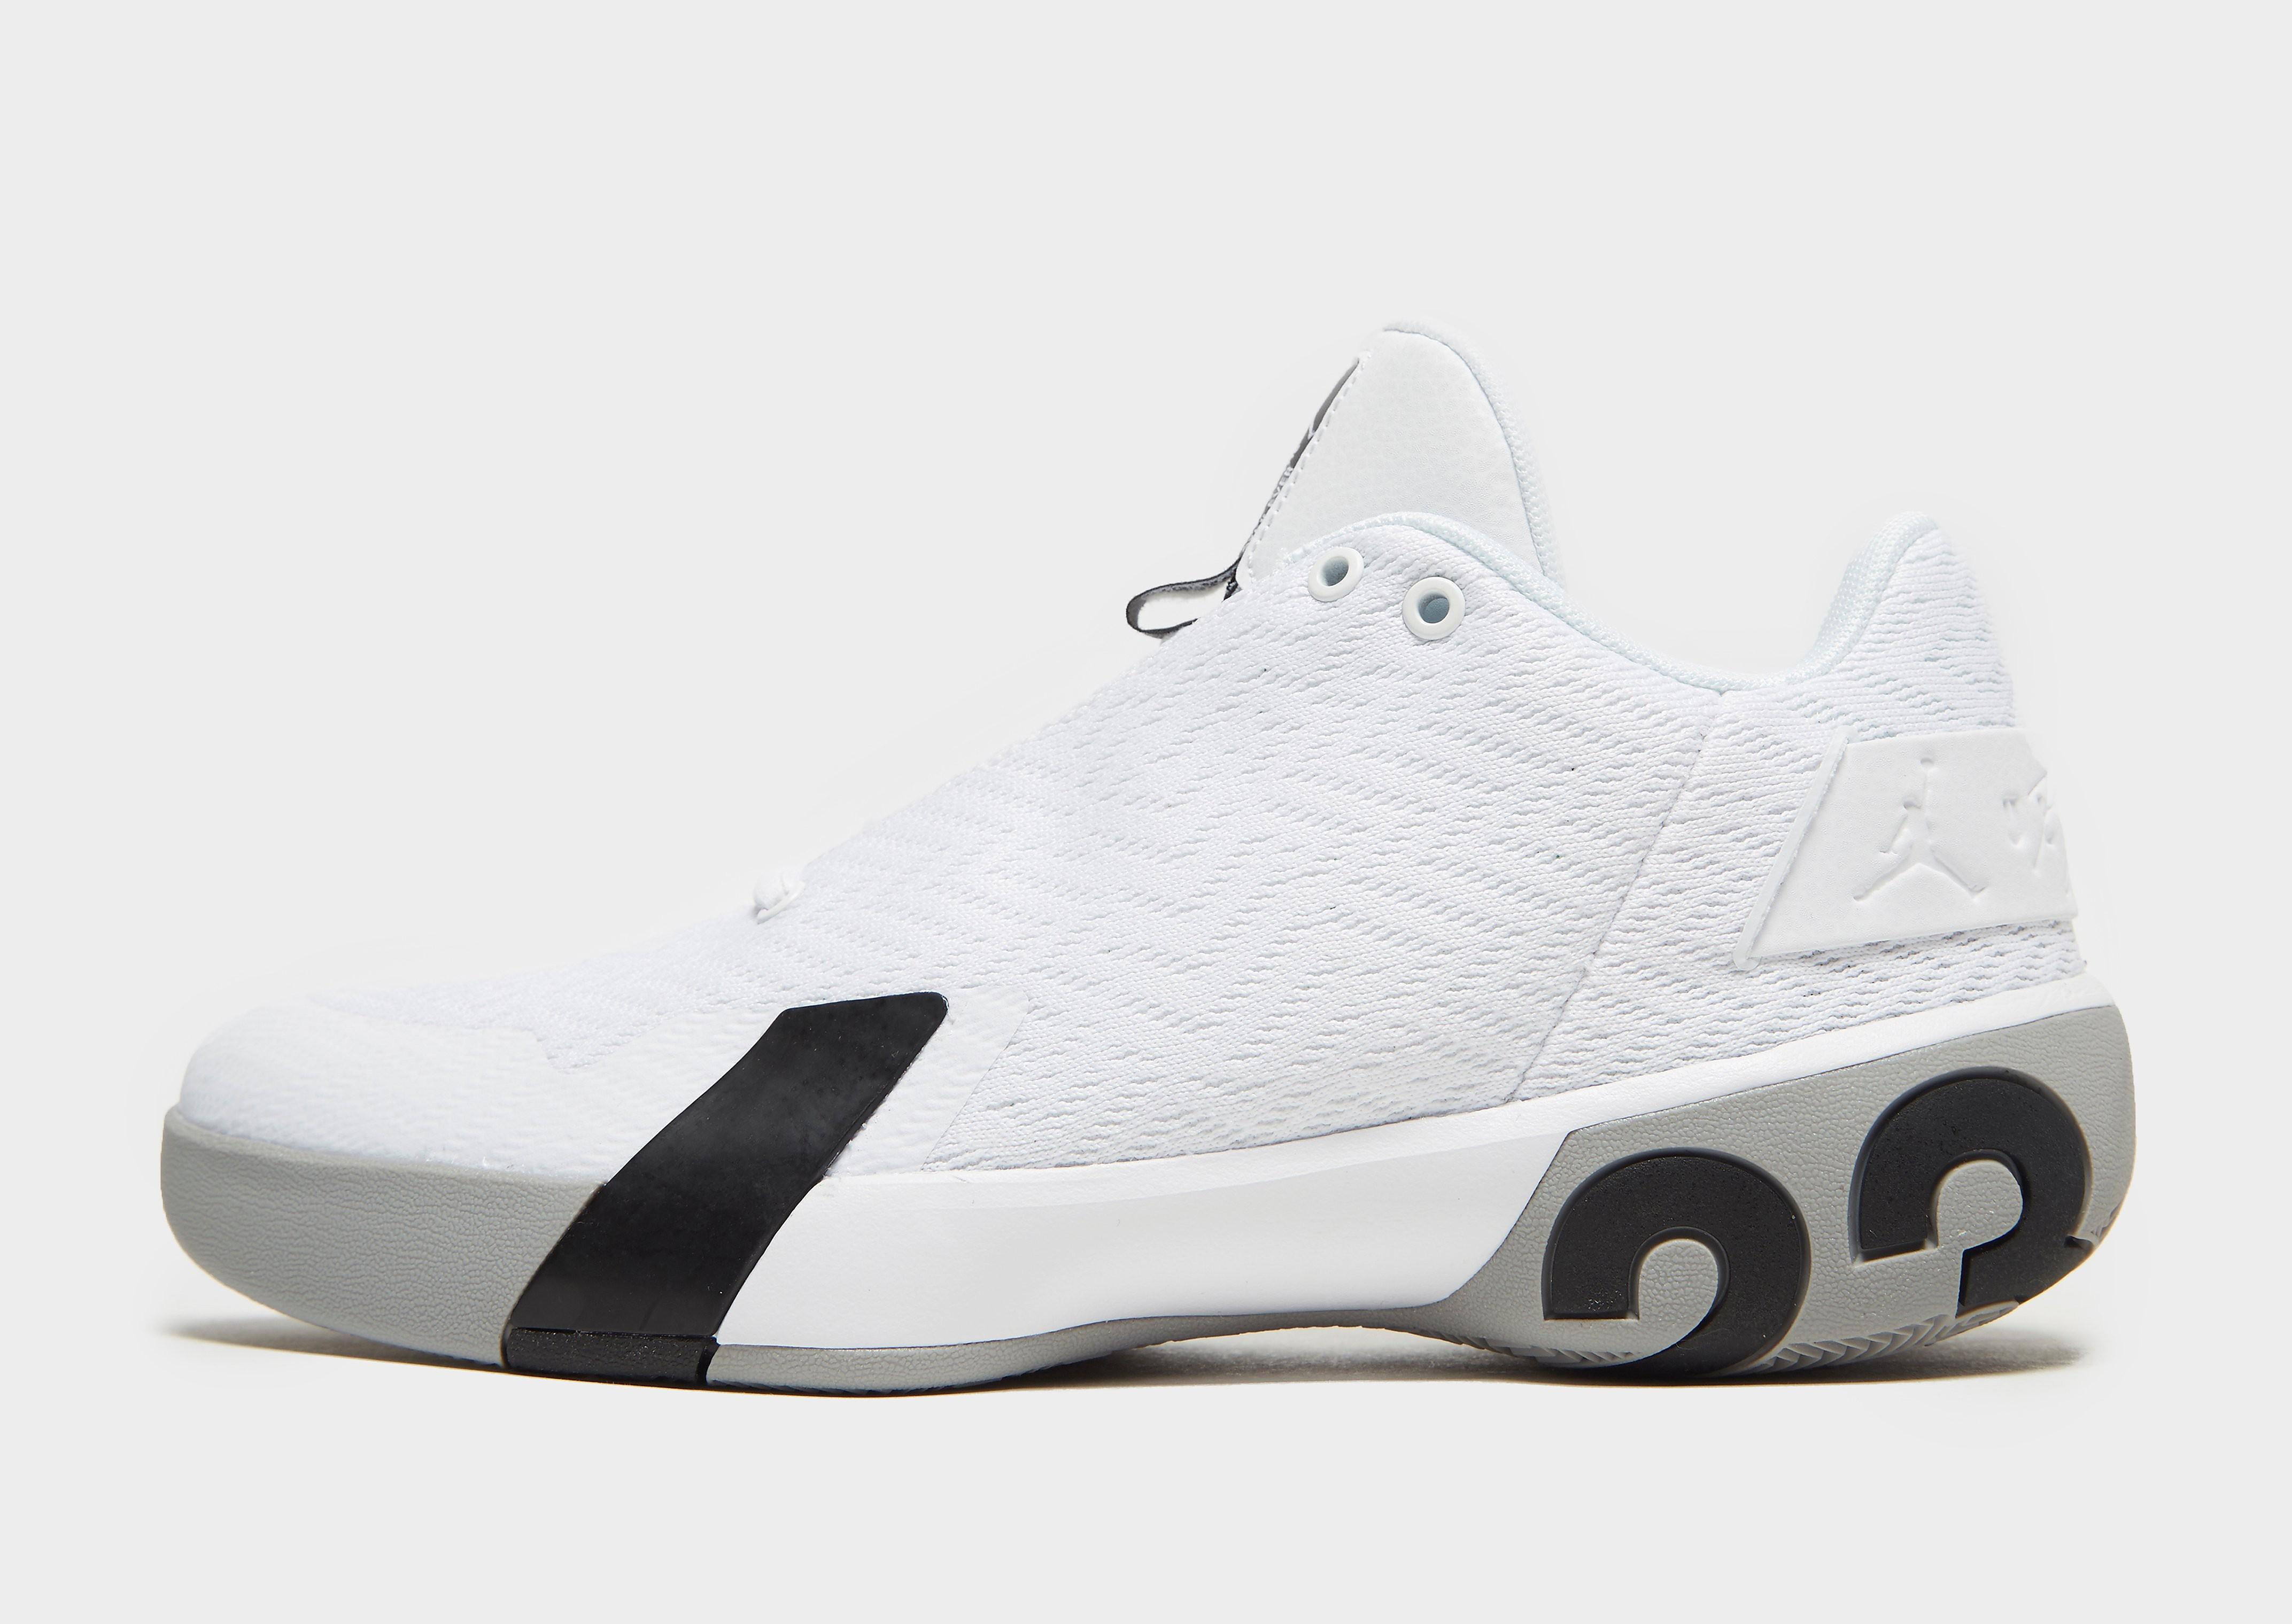 Jordan herensneaker wit, multicolor en zwart